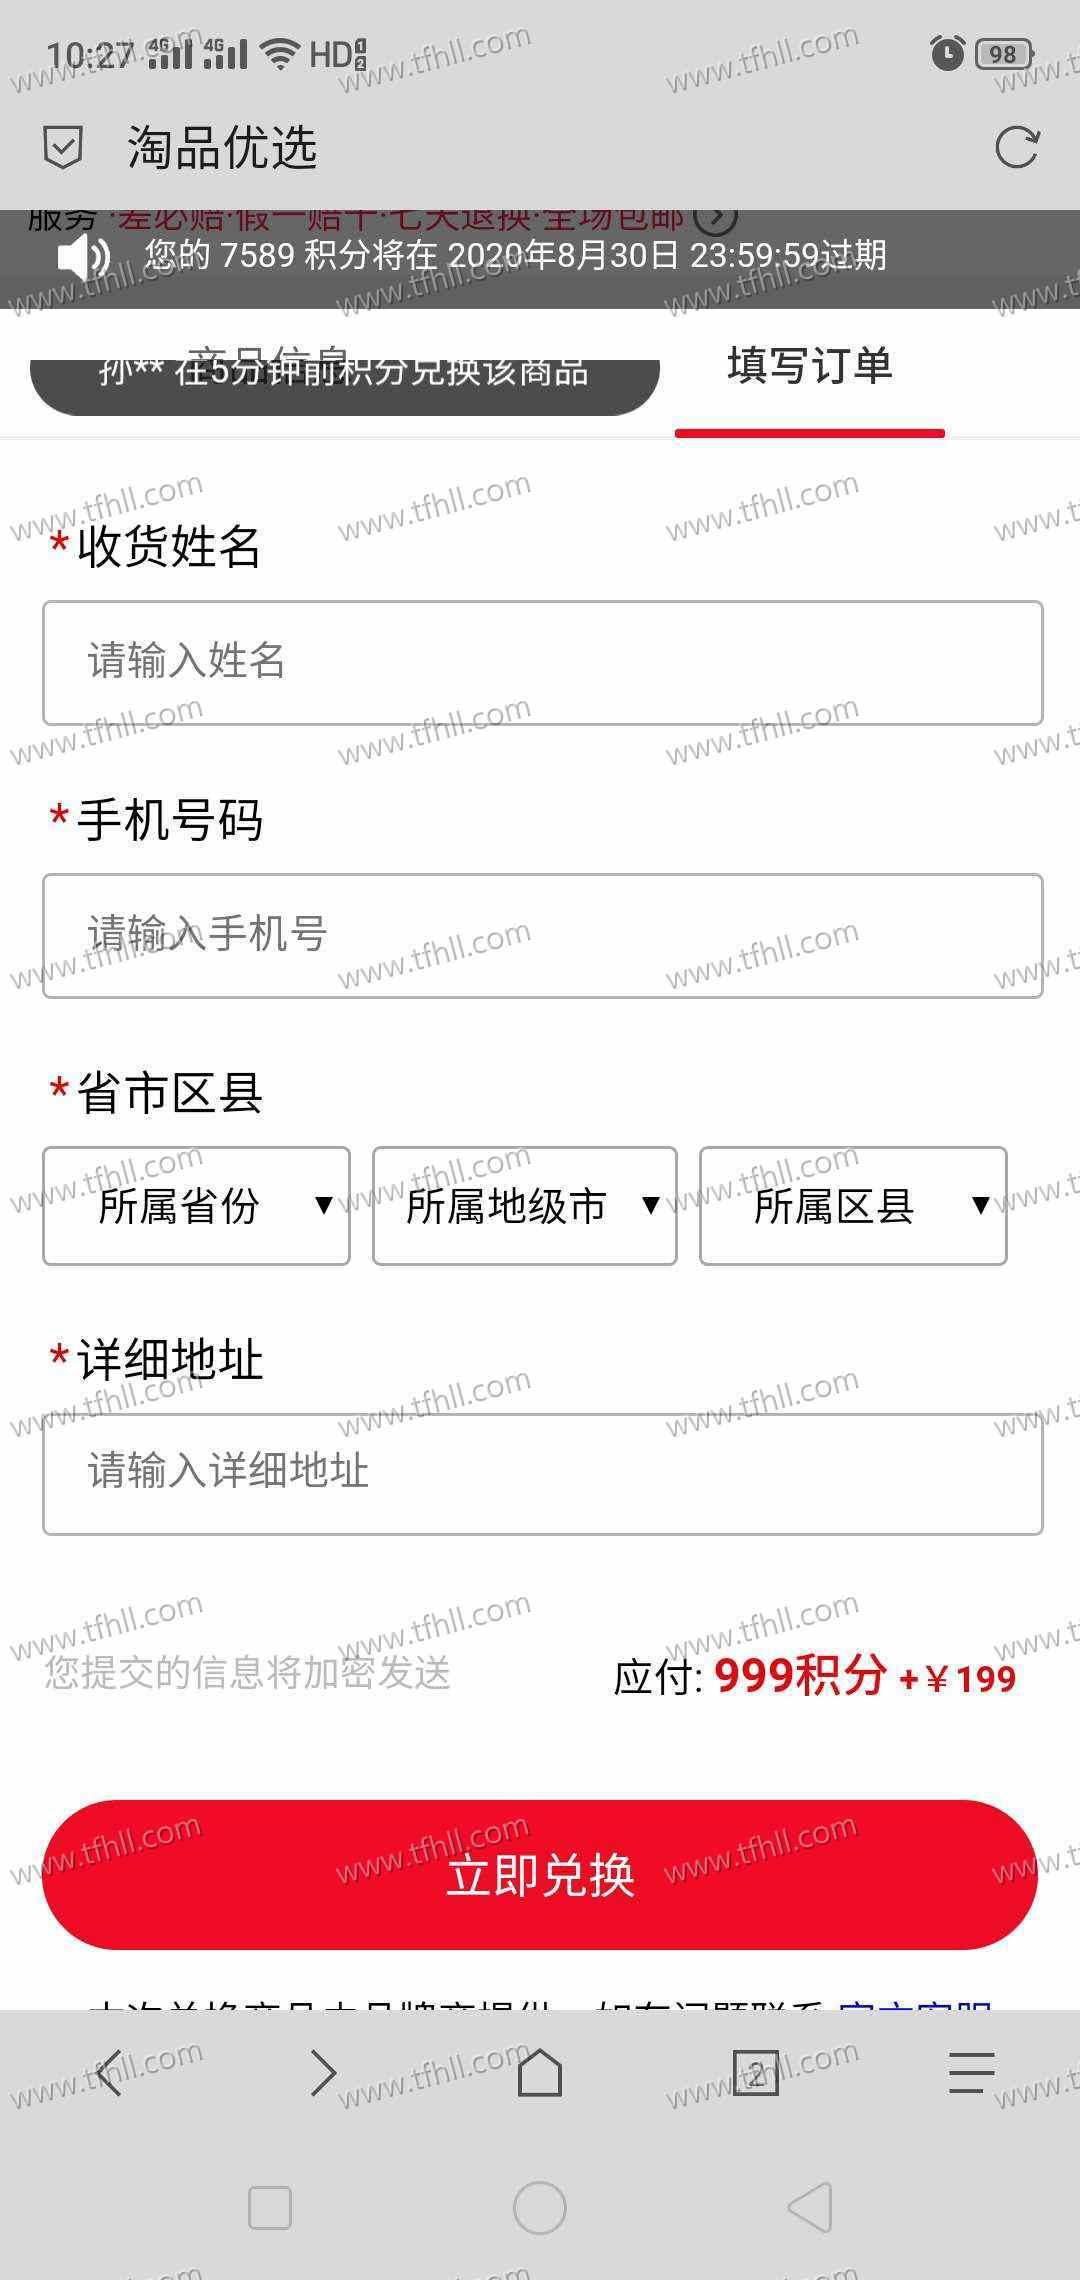 vipyouxuan.cn是骗子网站,什么积分换购买商品大家不要信图片 No.5